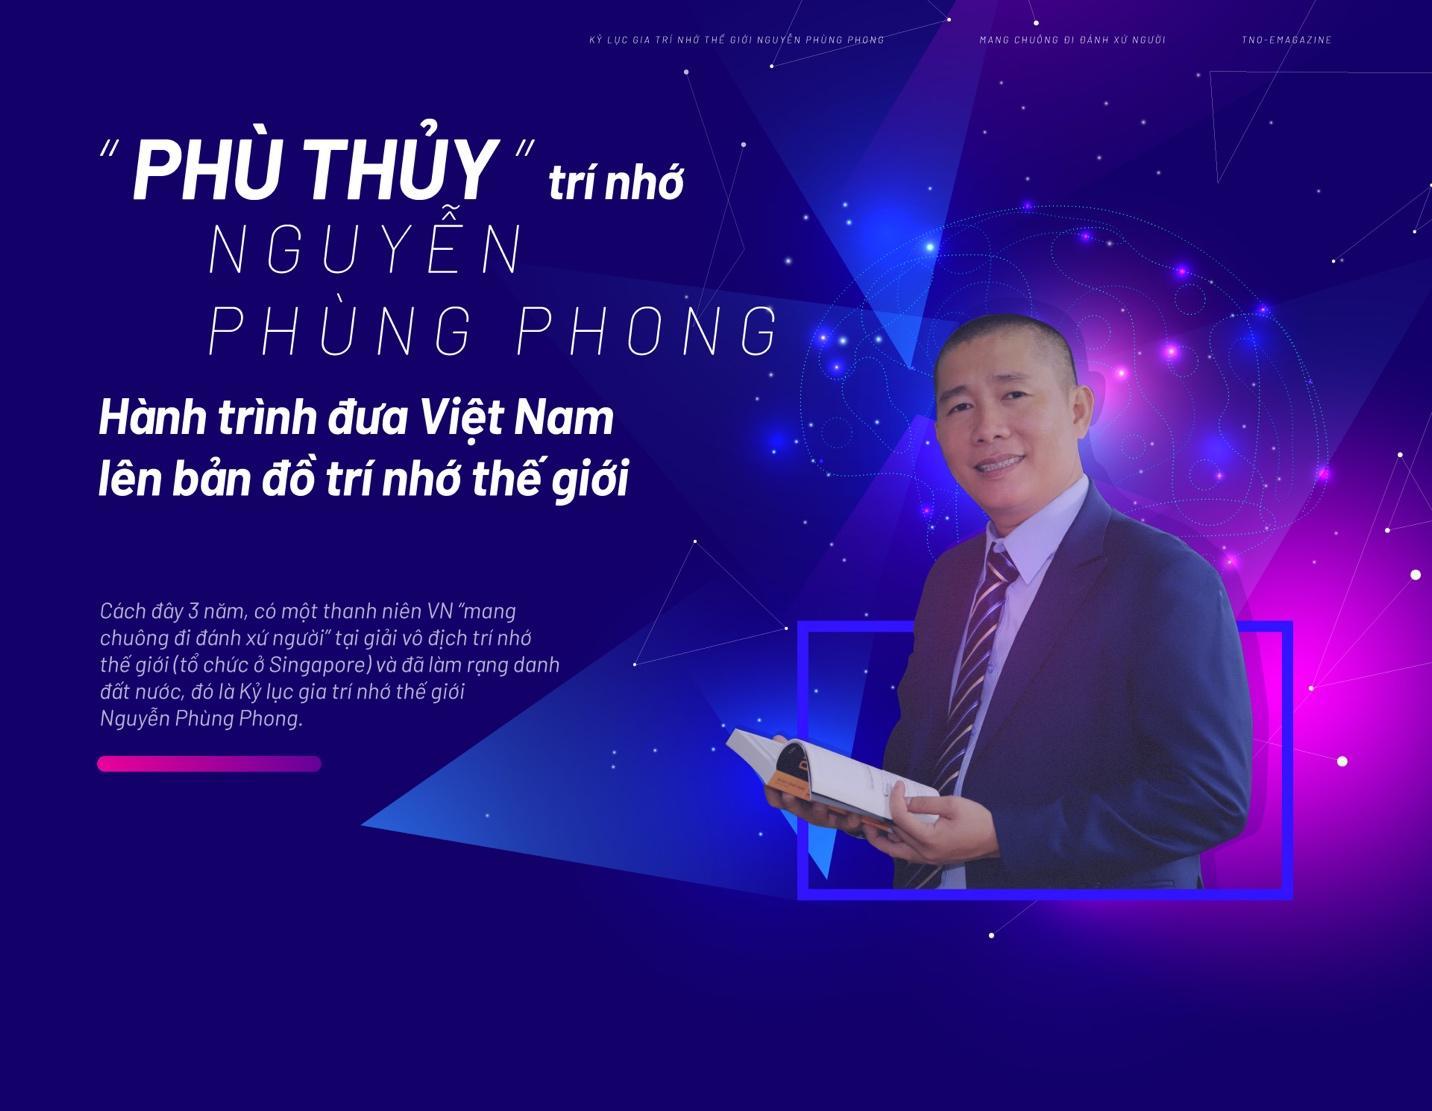 Phù thủy' trí nhớ Nguyễn Phùng Phong - Hành trình đưa Việt Nam lên bản đồ  trí nhớ thế giới | Văn hóa | Thanh Niên